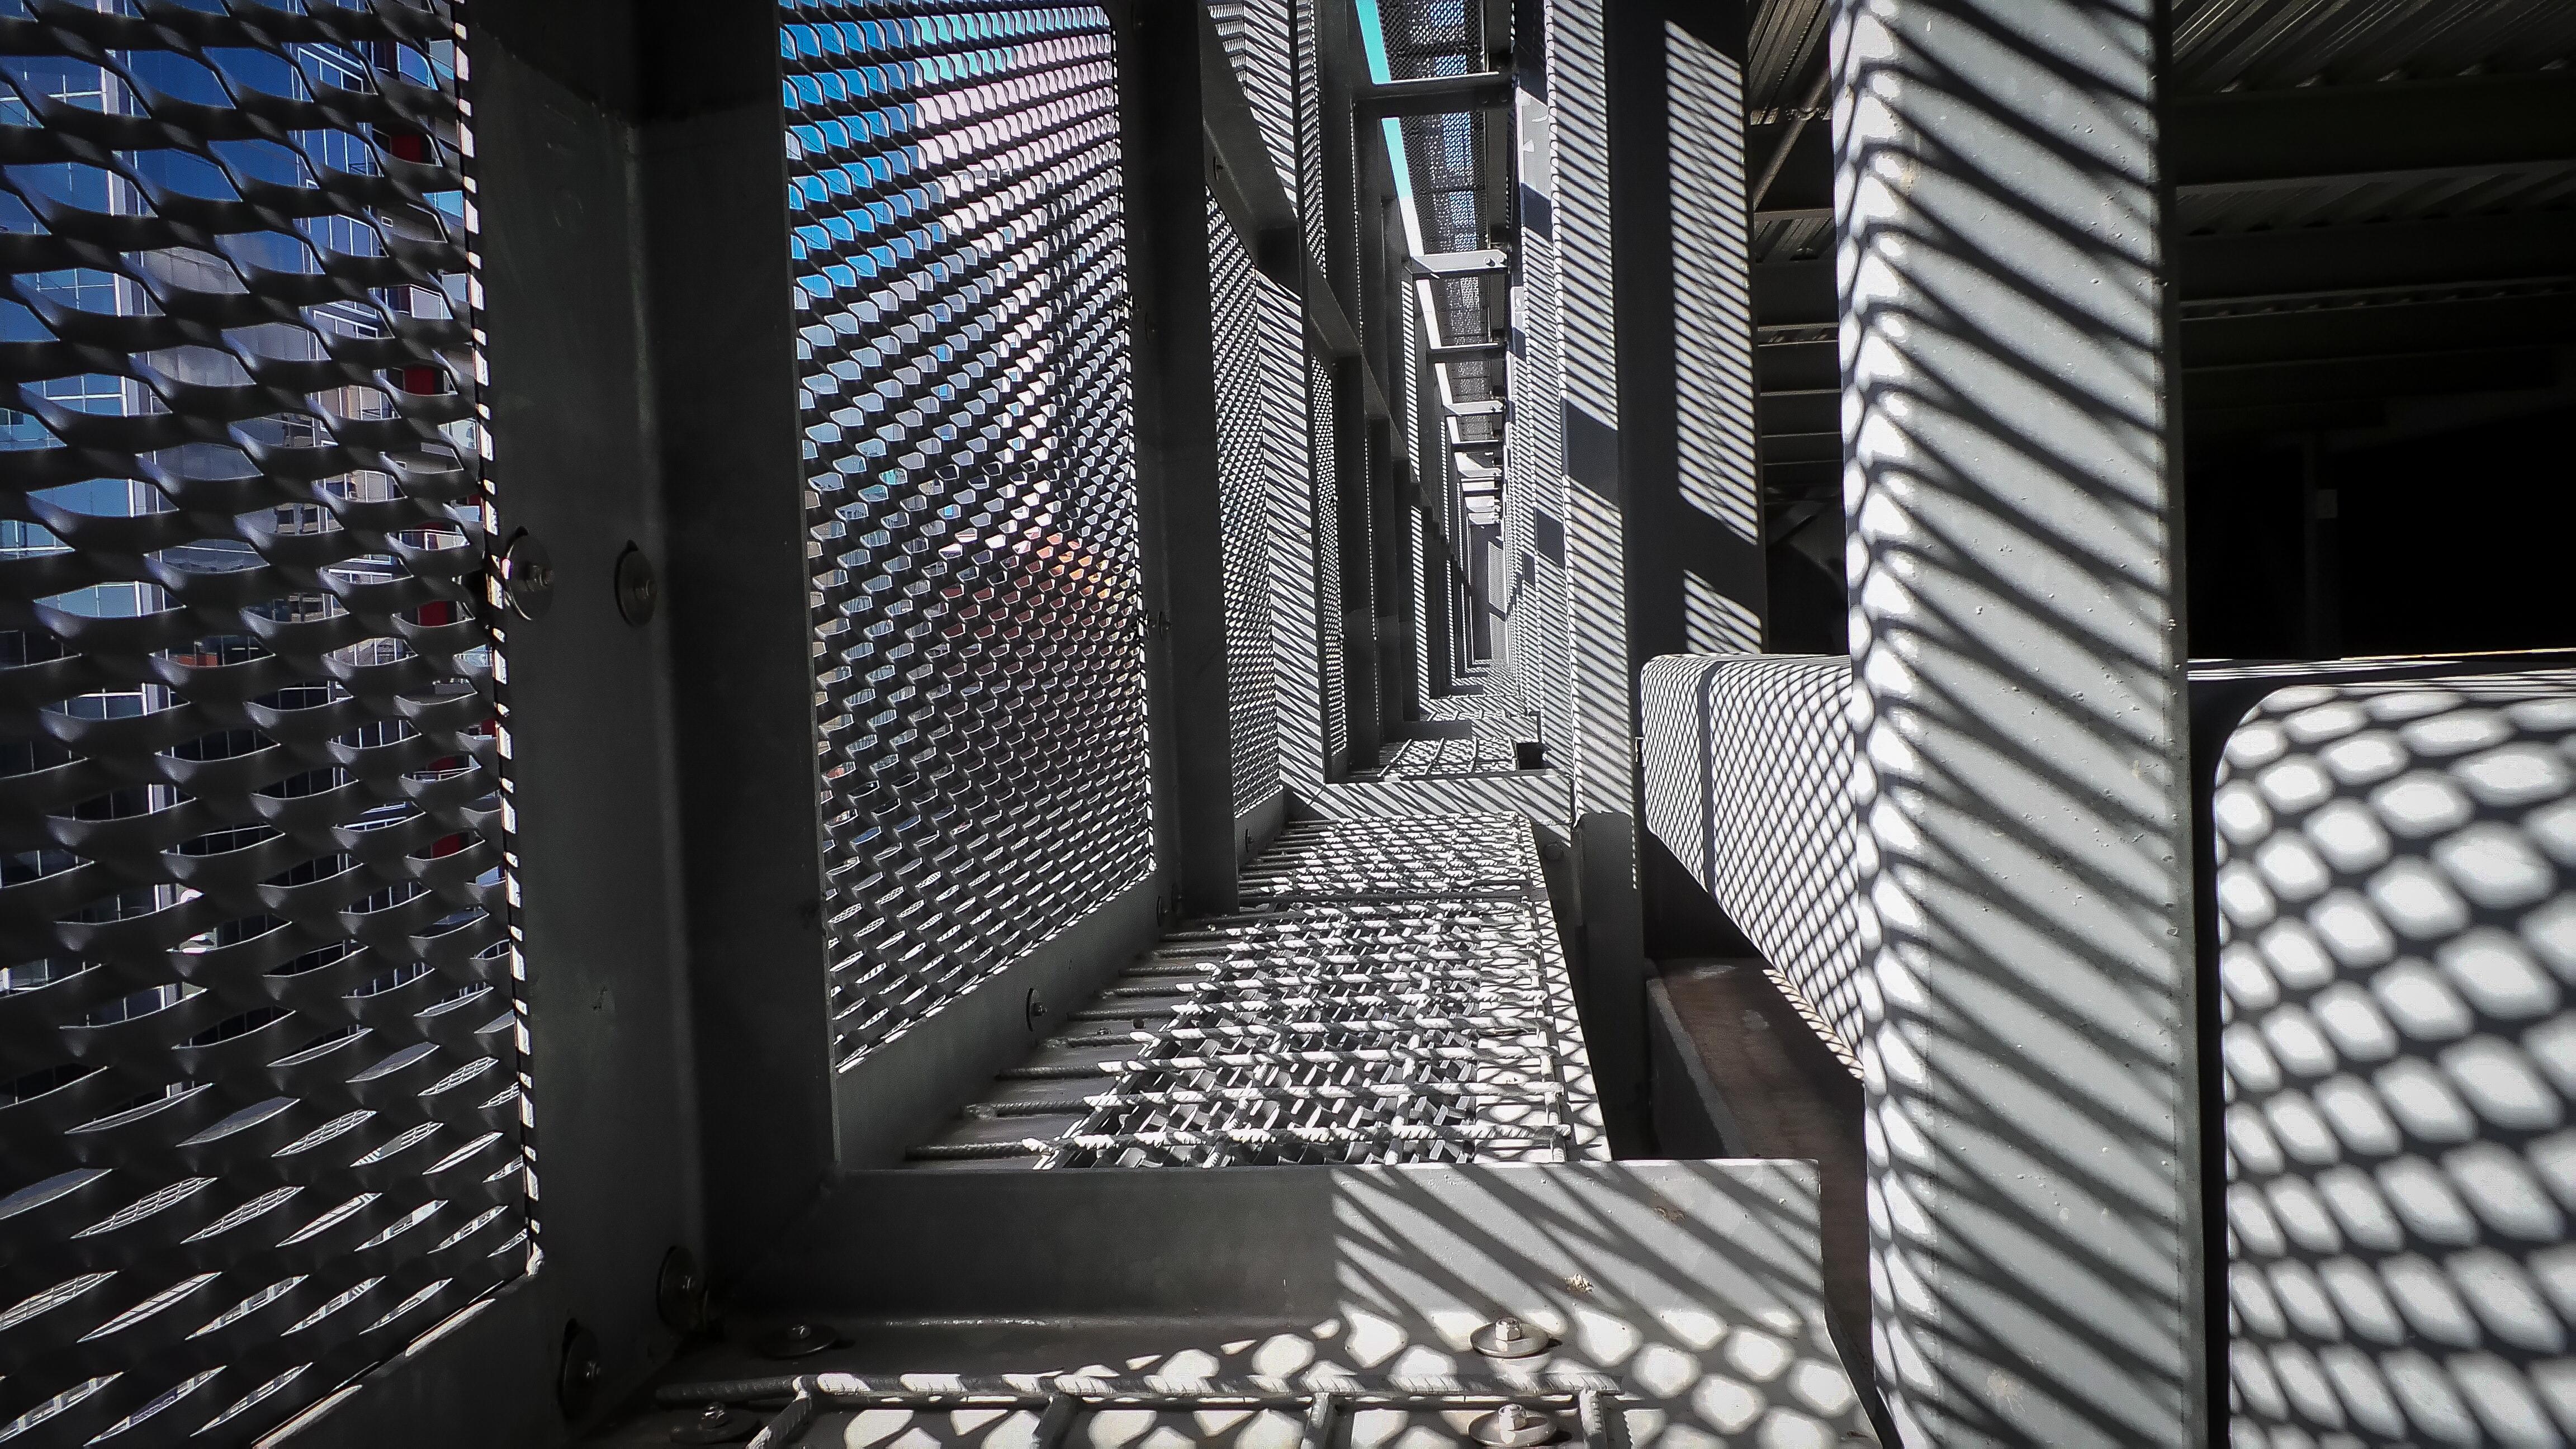 Hintergrundbilder : Sonne, Metall, Zaun, Beton, Schatten, Außen ...